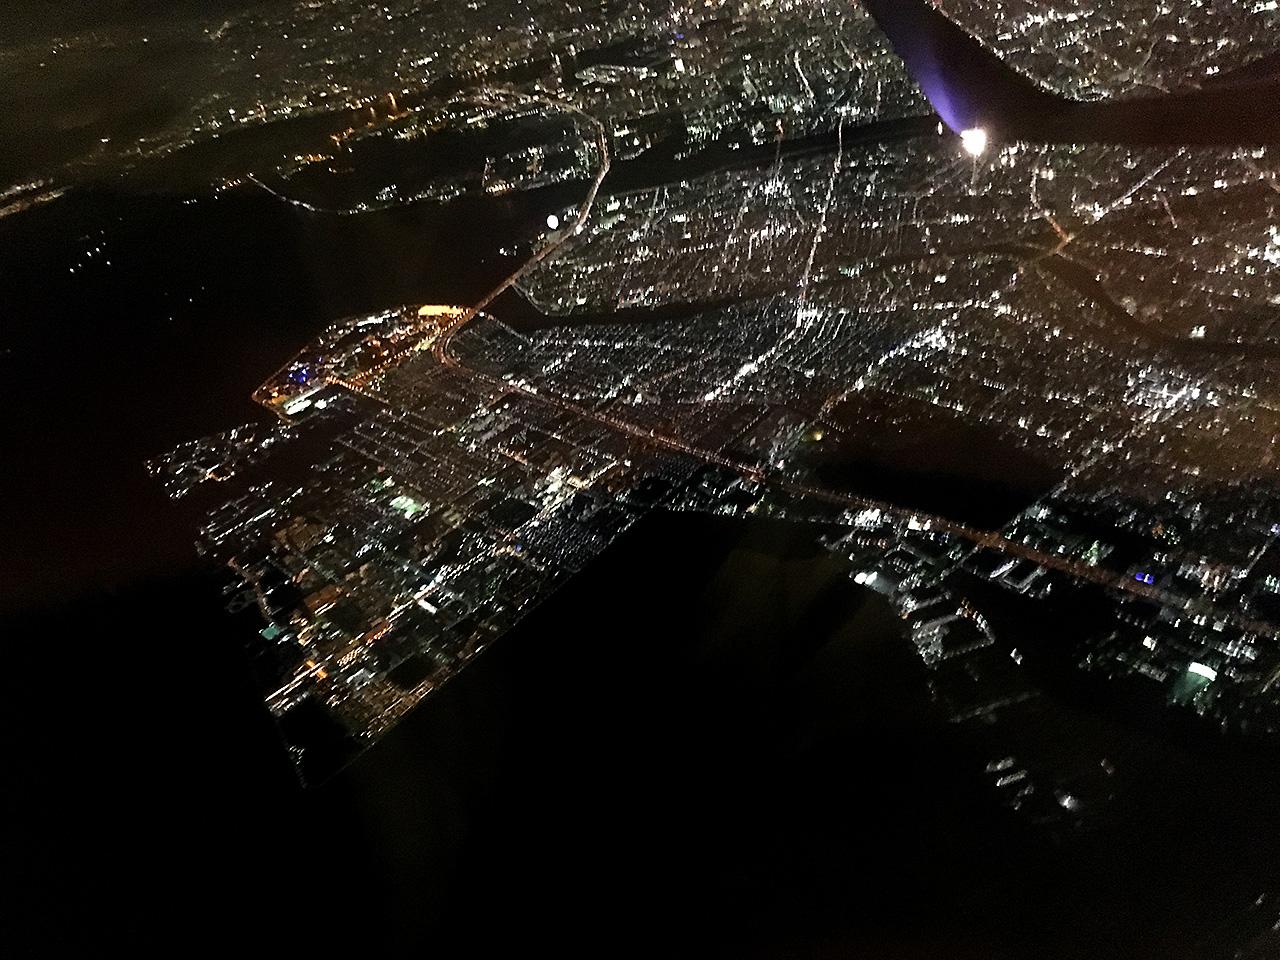 羽田空港,空撮,TDR,ディズニー,夜景